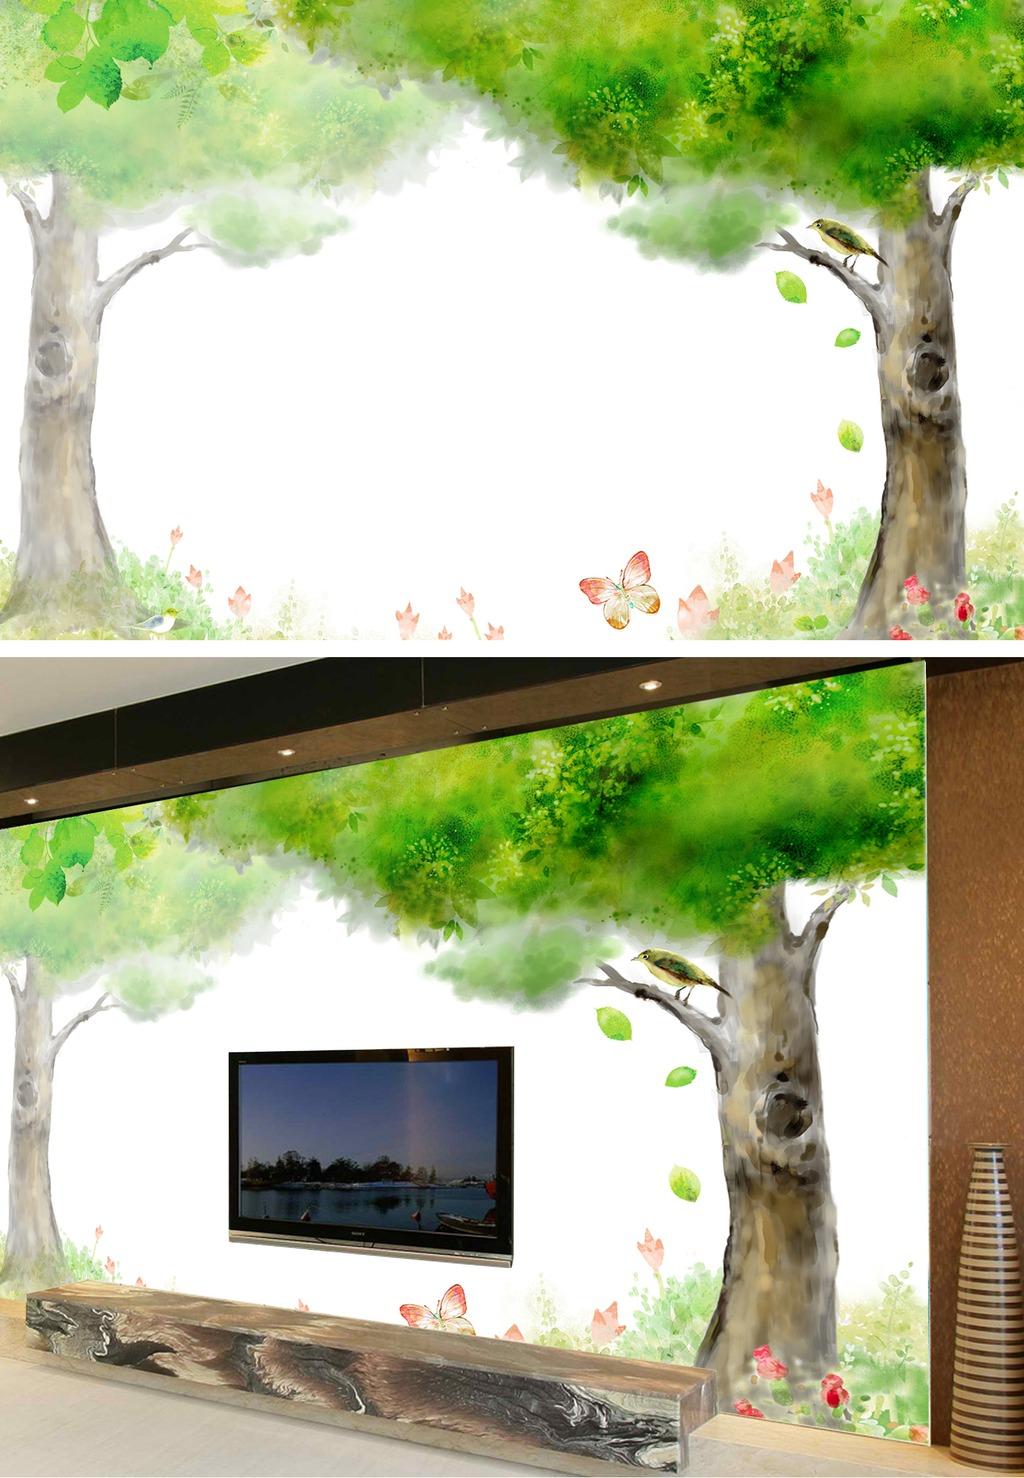 手绘树时尚电视背景墙装饰画高清图片下载(图片编号)